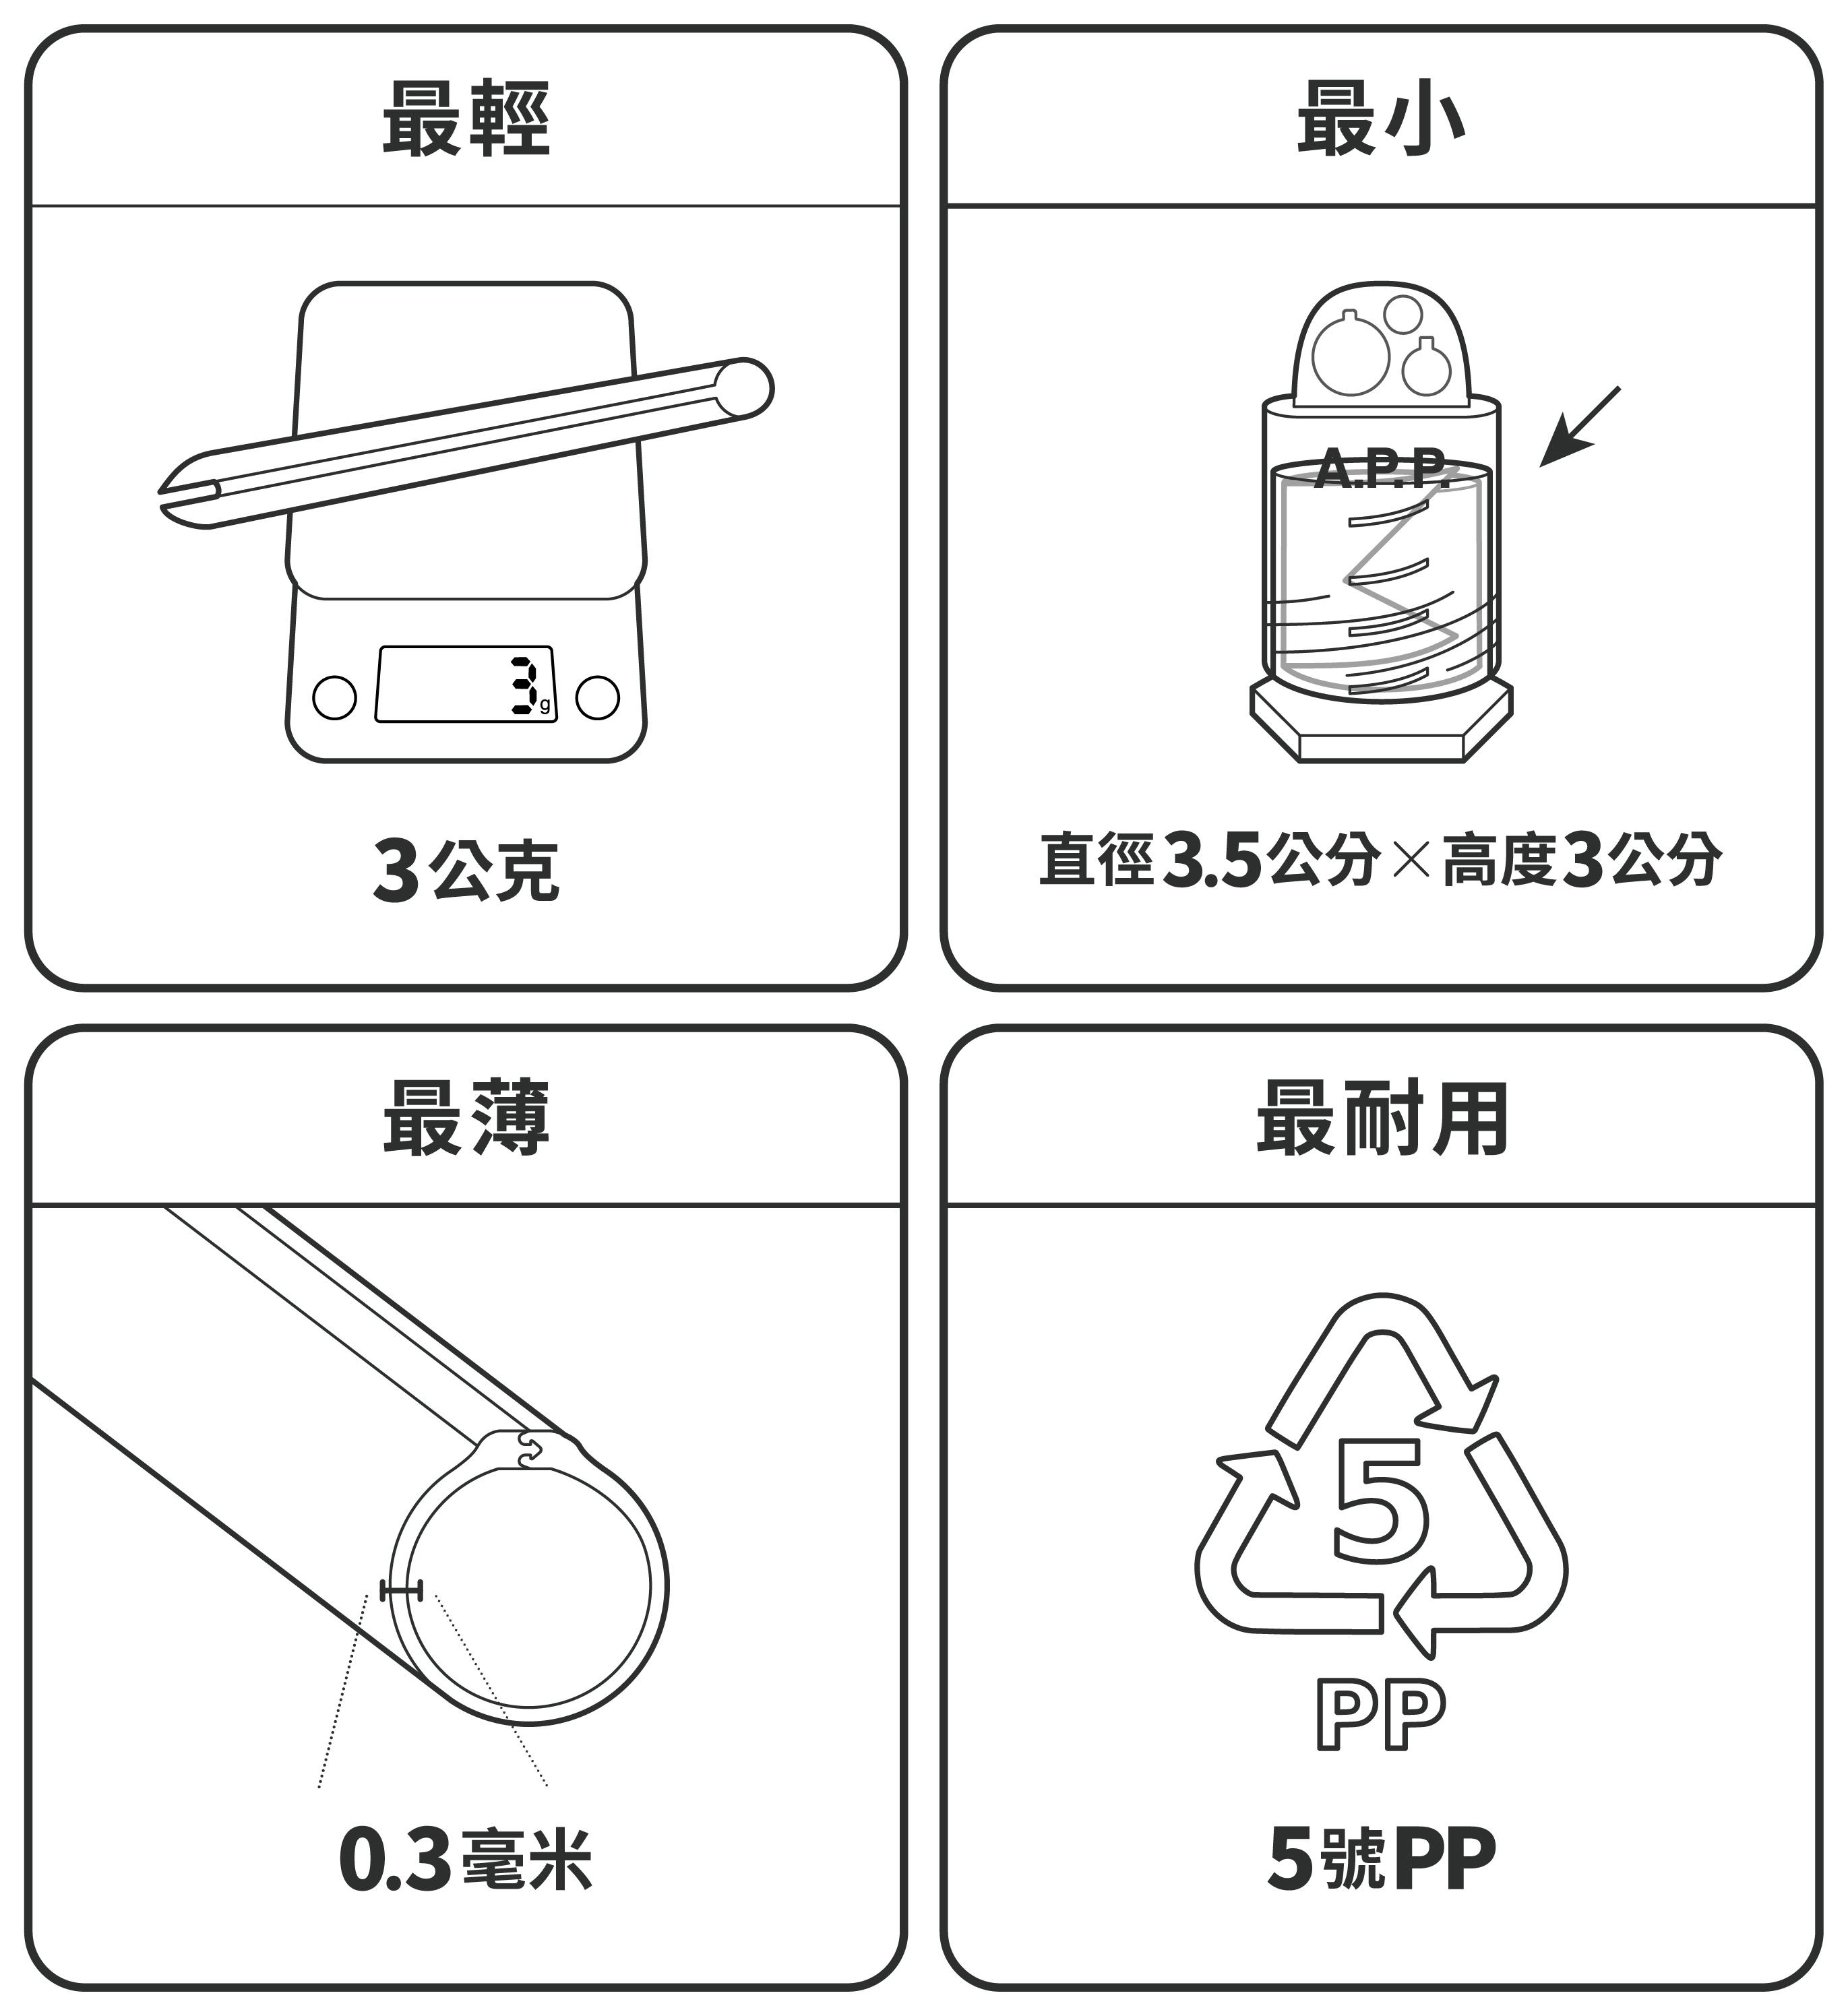 吸吸管介紹頁_首圖-04.jpg